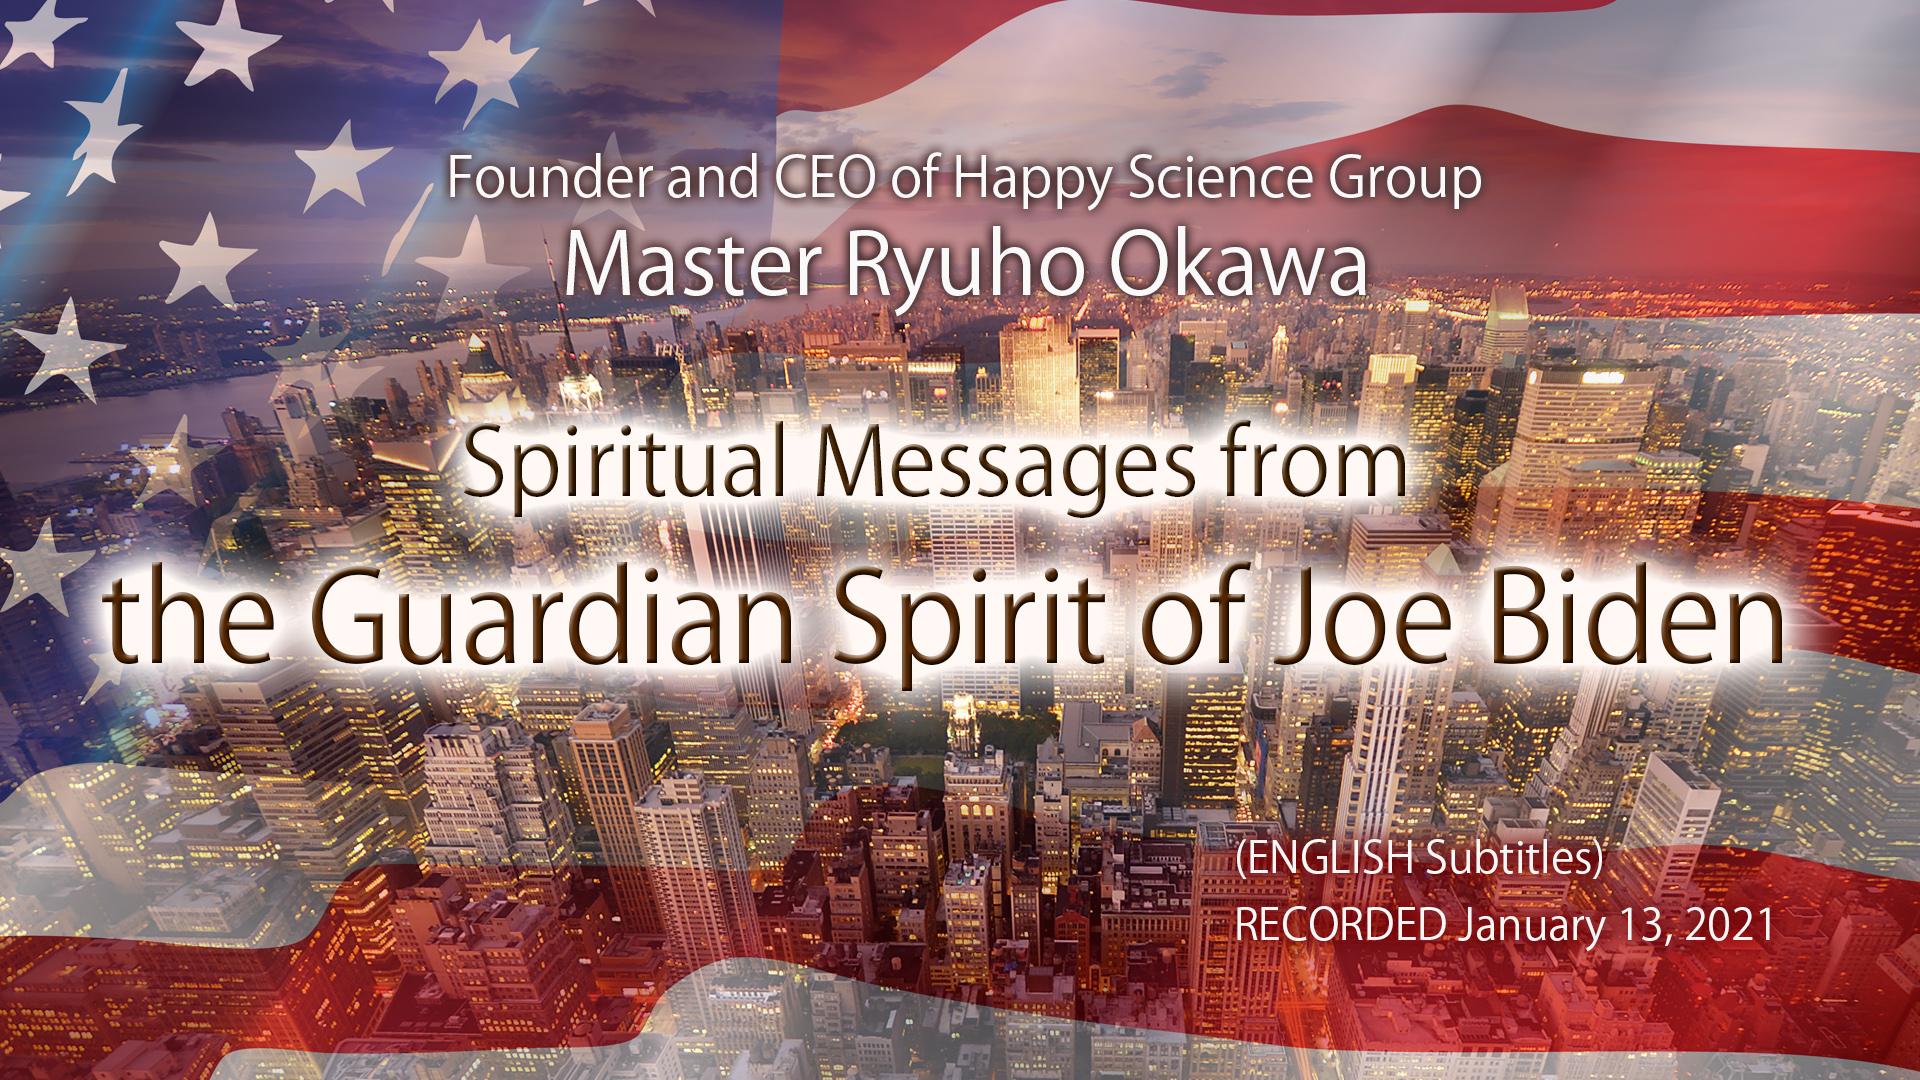 spiritual messages from the guardian spirit of joe biden